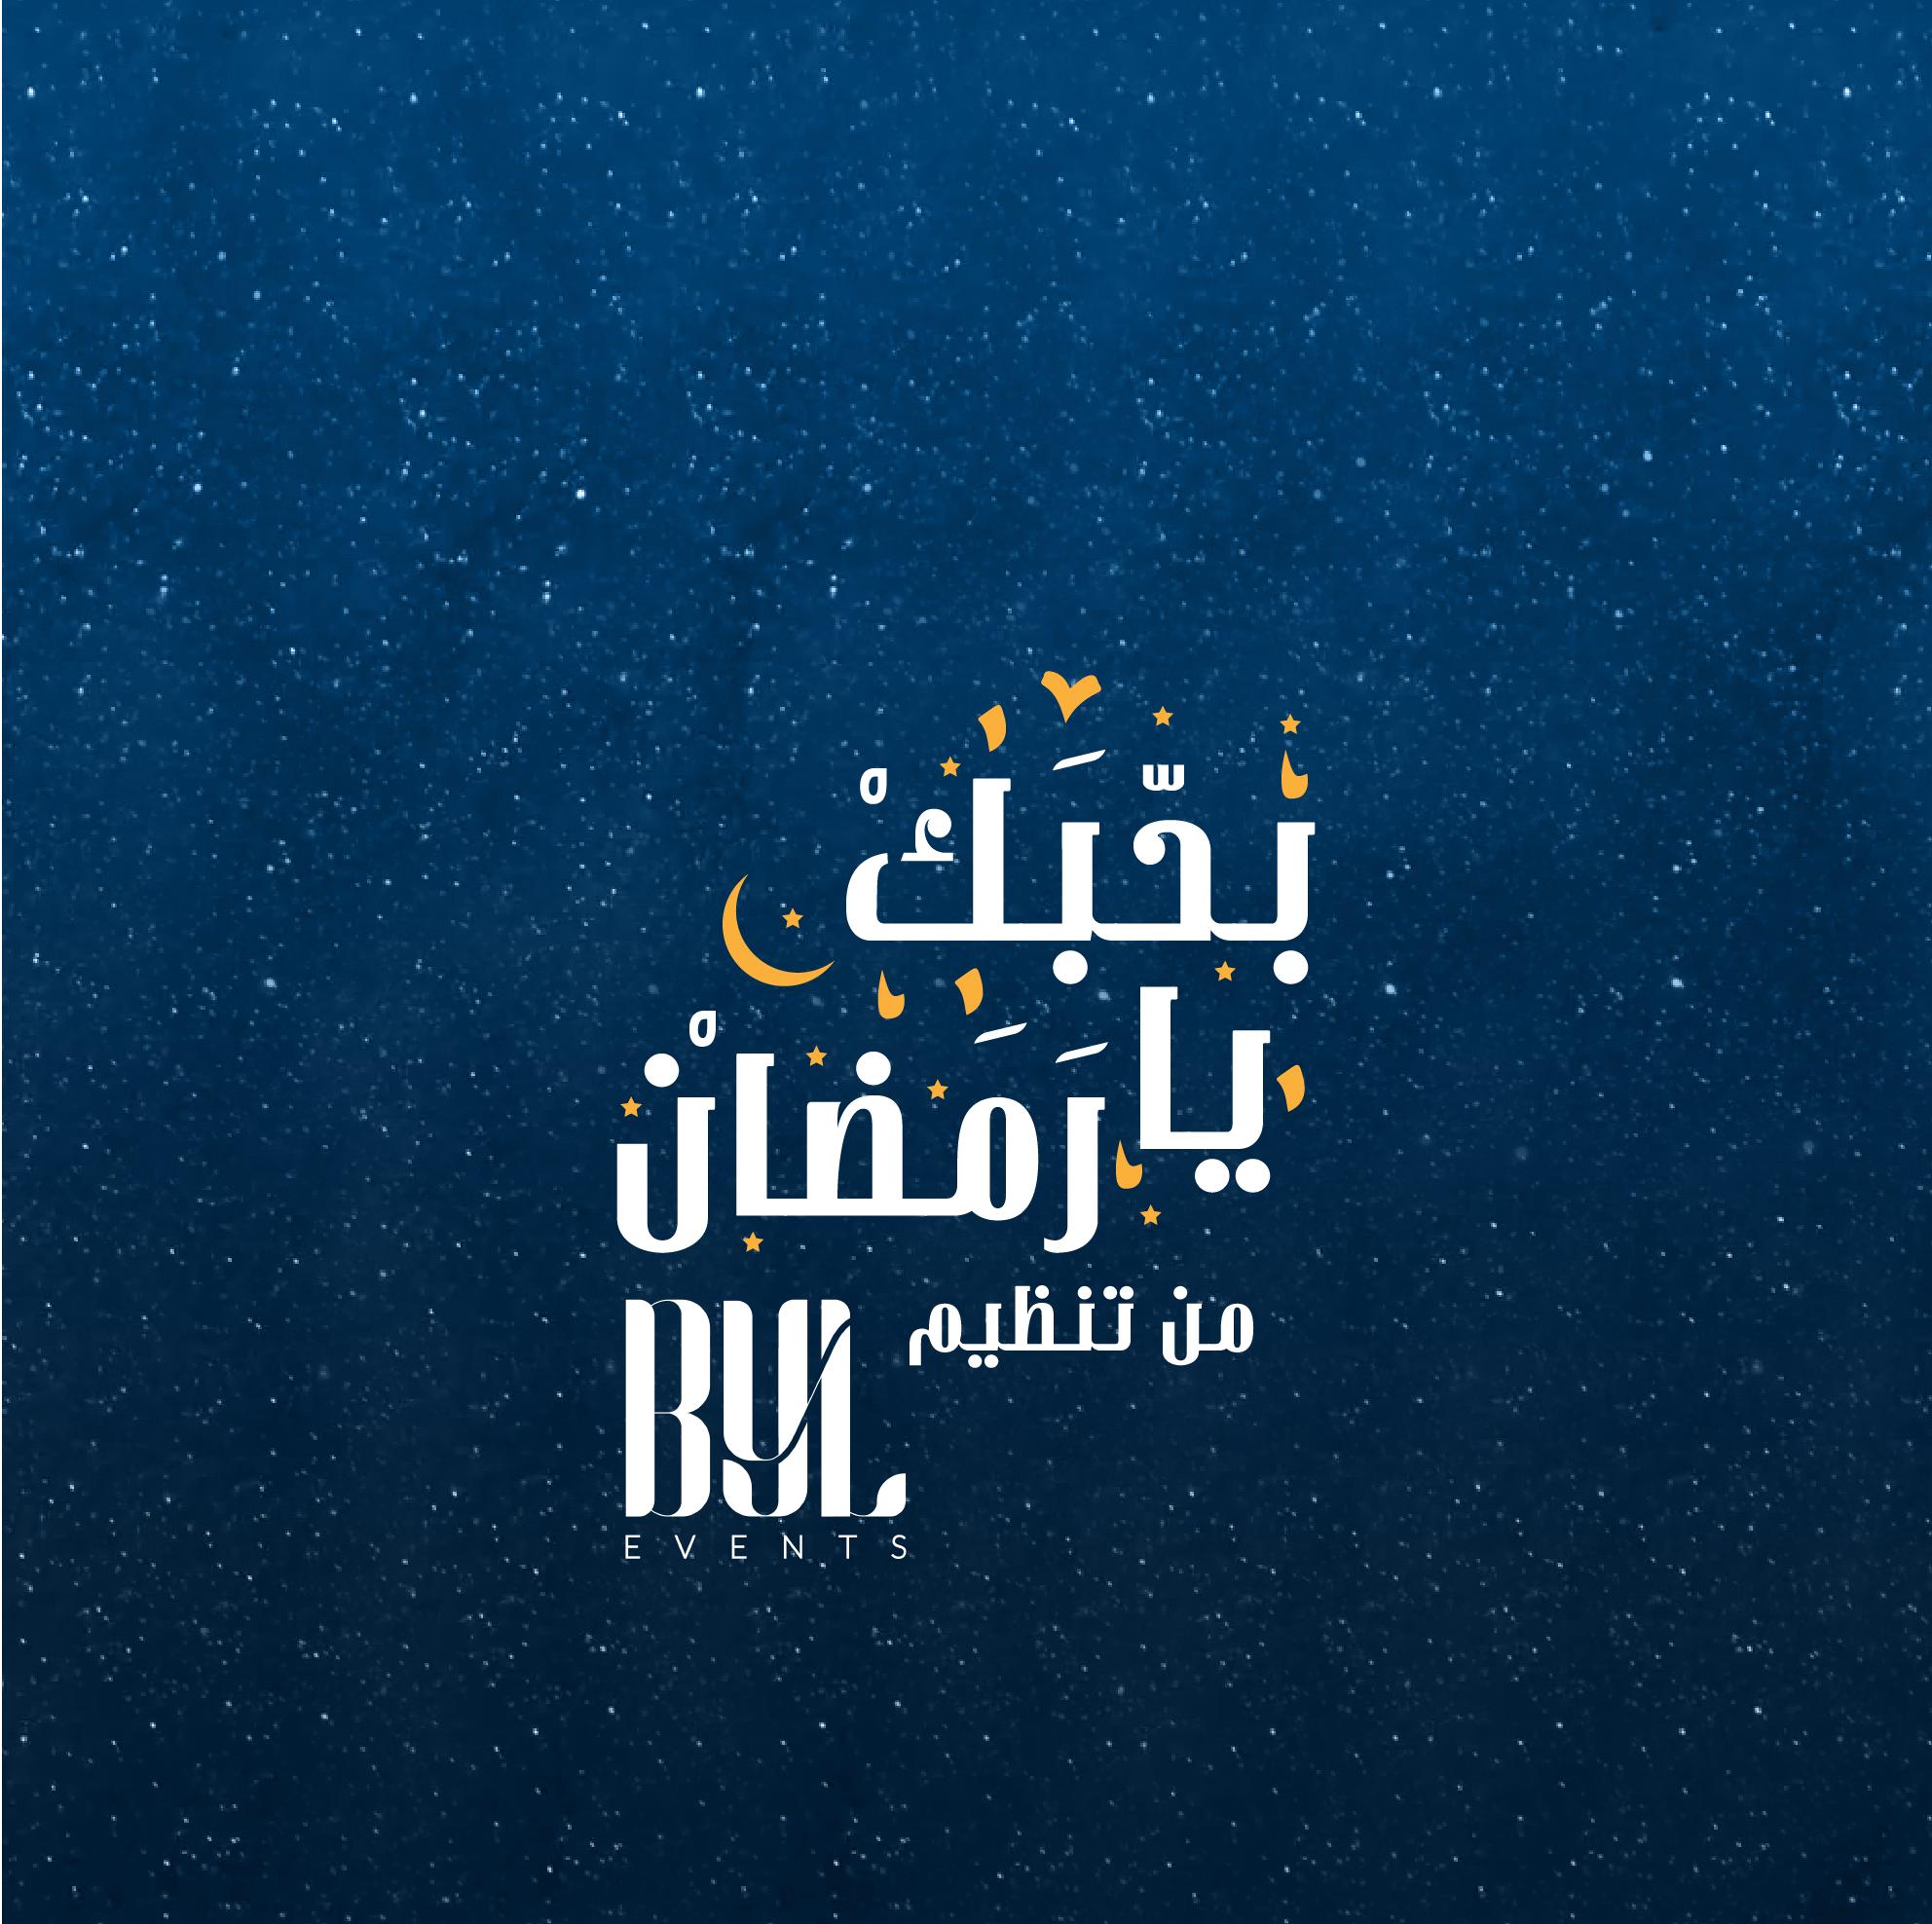 """رمضان هذا العام بنكهة خاصة… """"بحبك يا رمضان""""  يجمع المواهب الإبداعية في دبي في أجواء رمضاية ساحرة"""